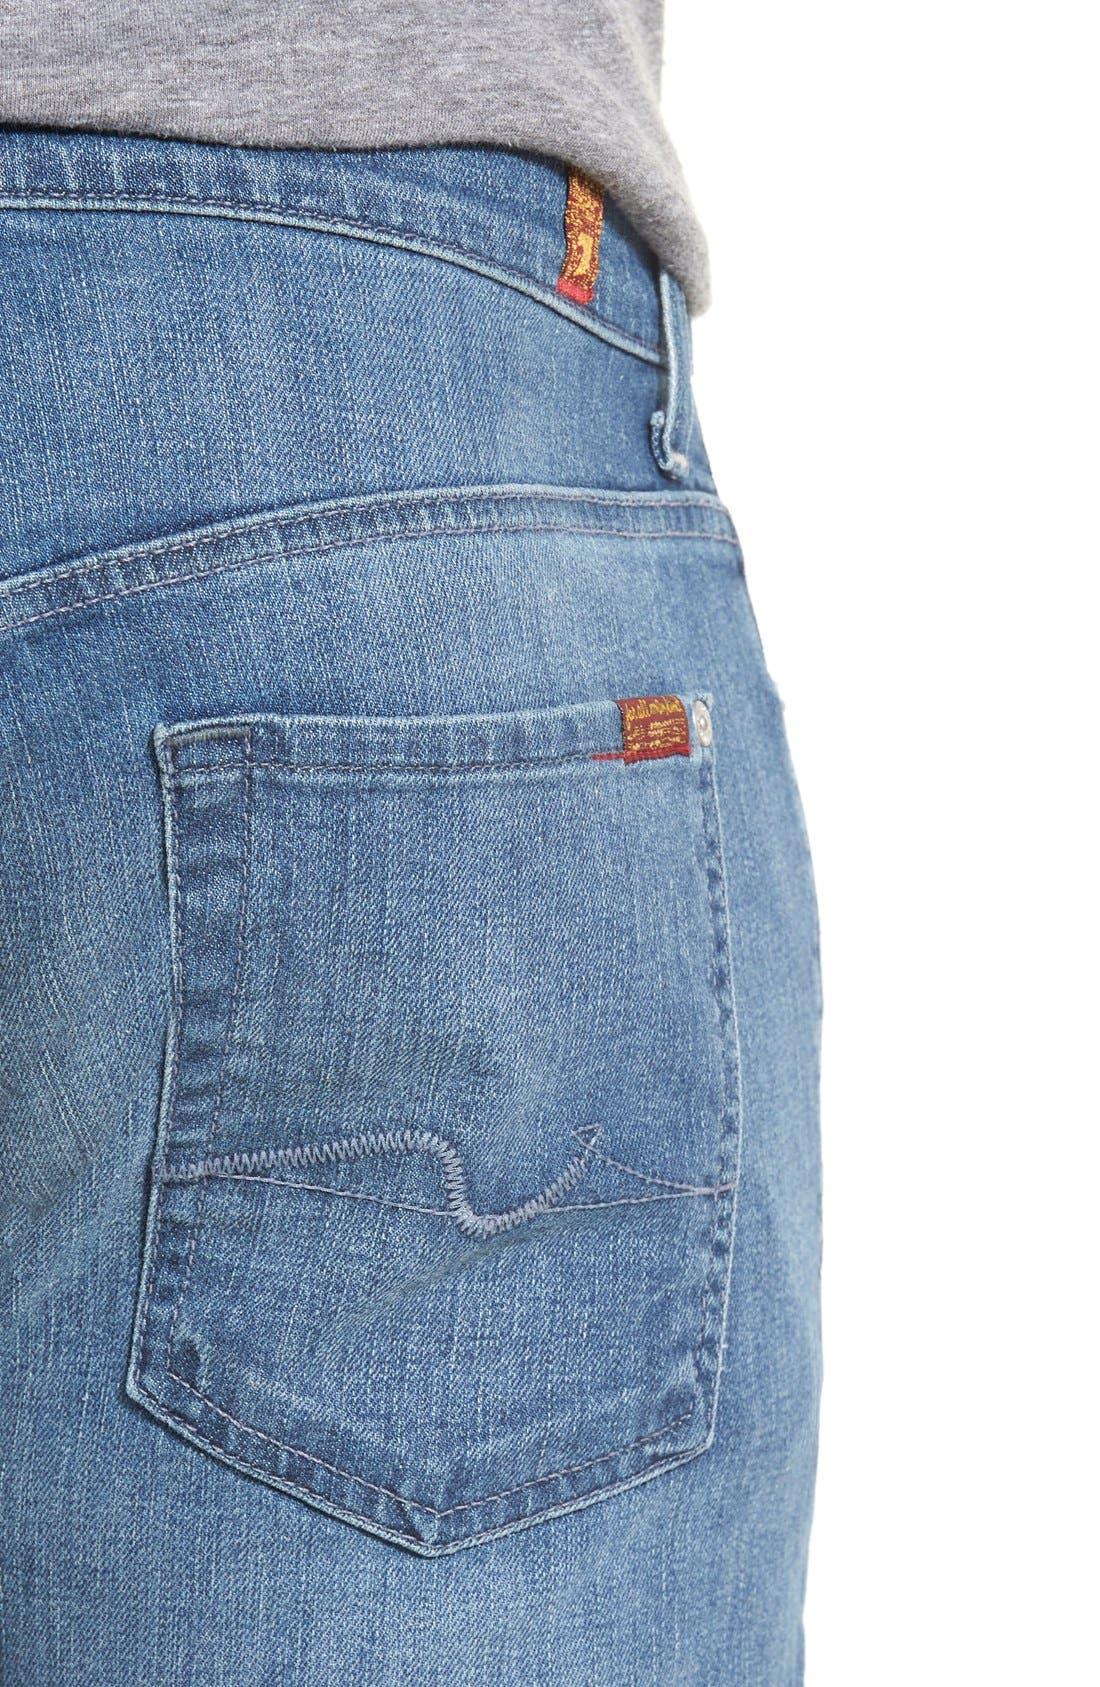 'Standard' Straight Leg Jeans,                             Alternate thumbnail 3, color,                             401